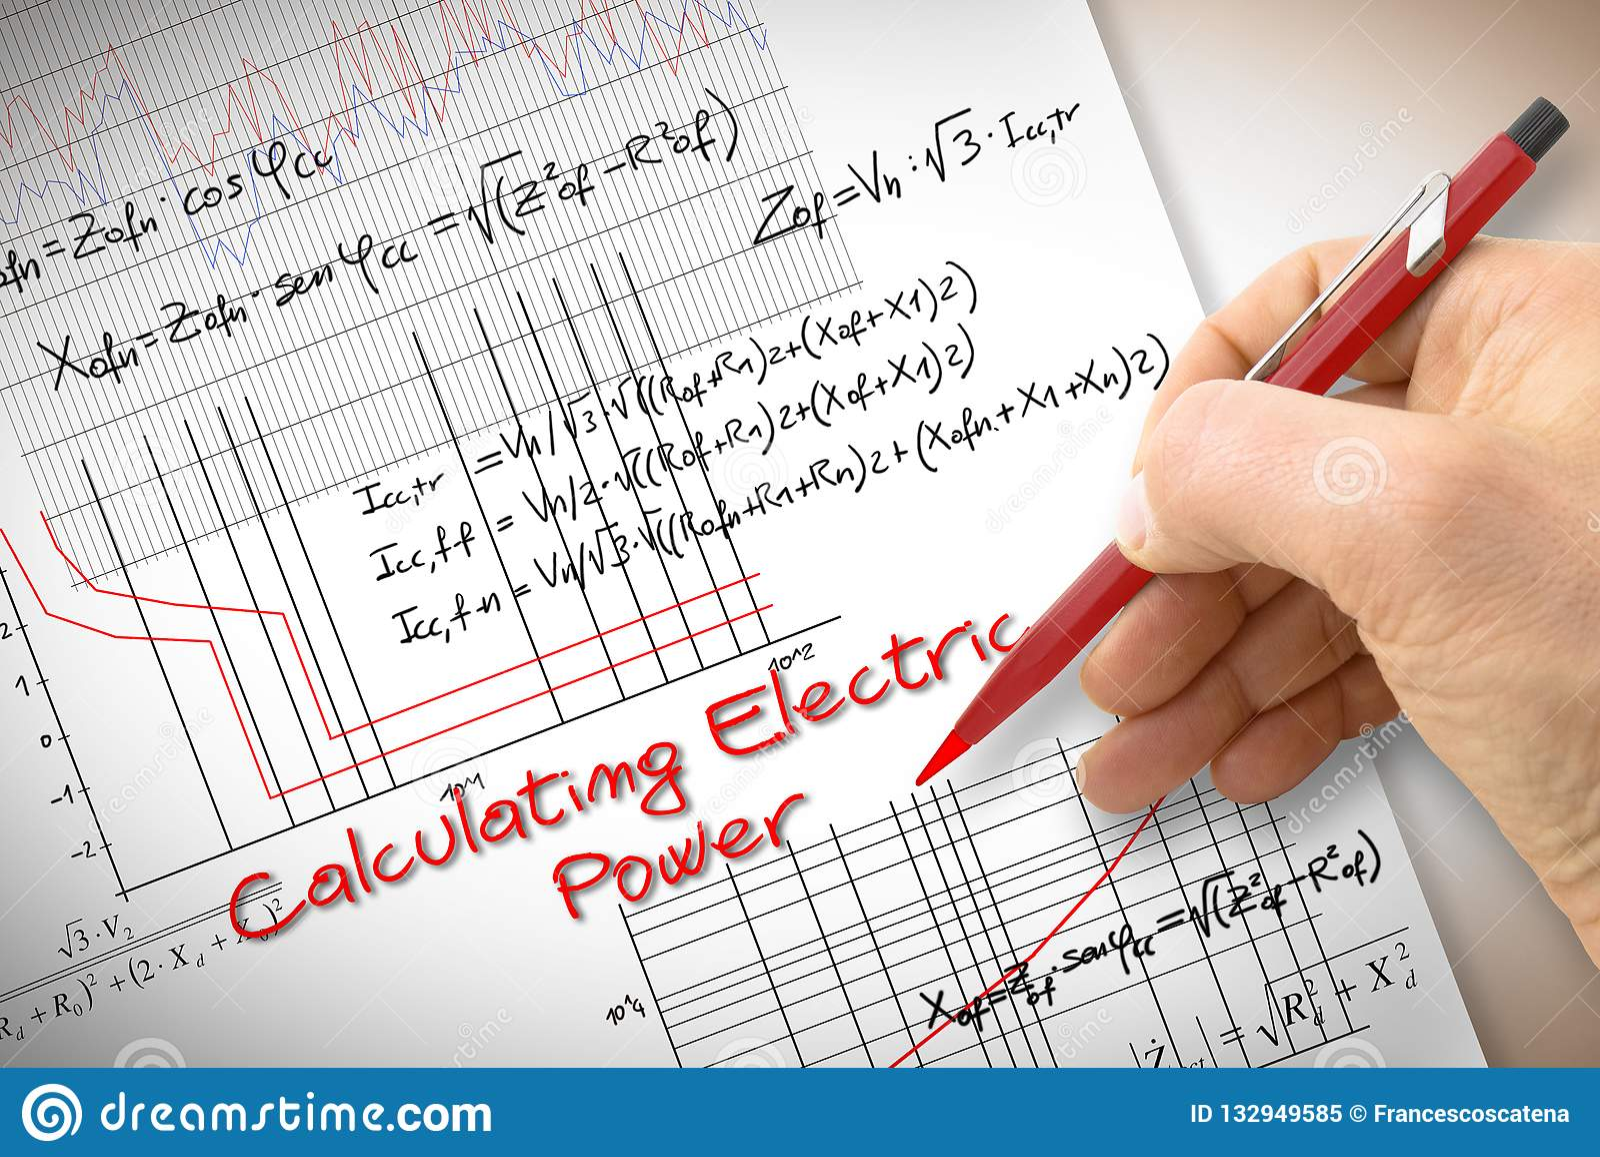 Fórmulas y gráfico de la escritura del ingeniero sobre energía eléctrica en buil